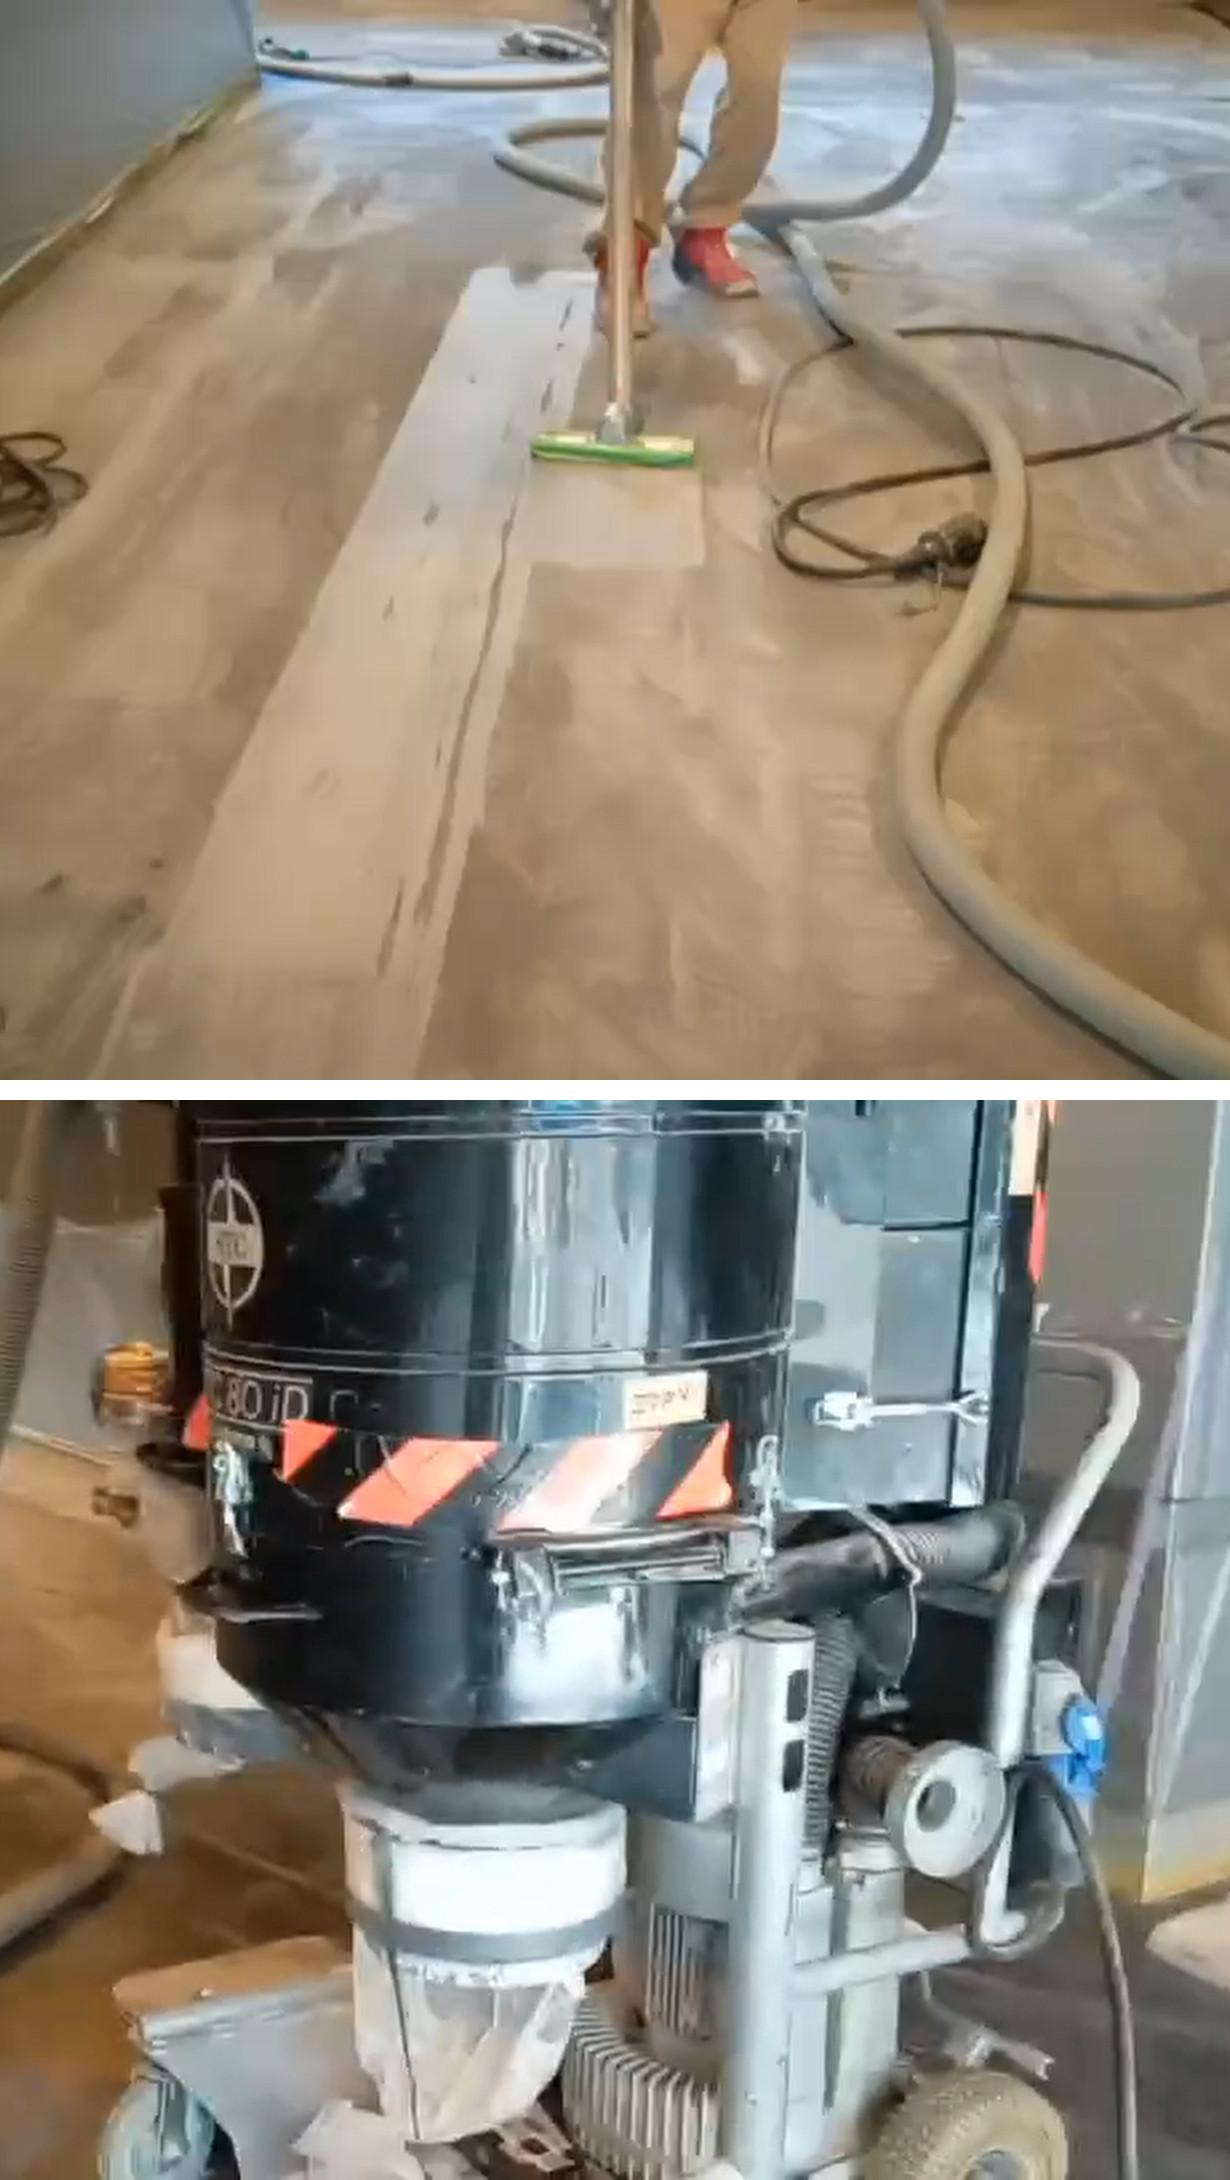 大型集塵機『HTC 80iD』でスピーディーに集塵を回収しています。